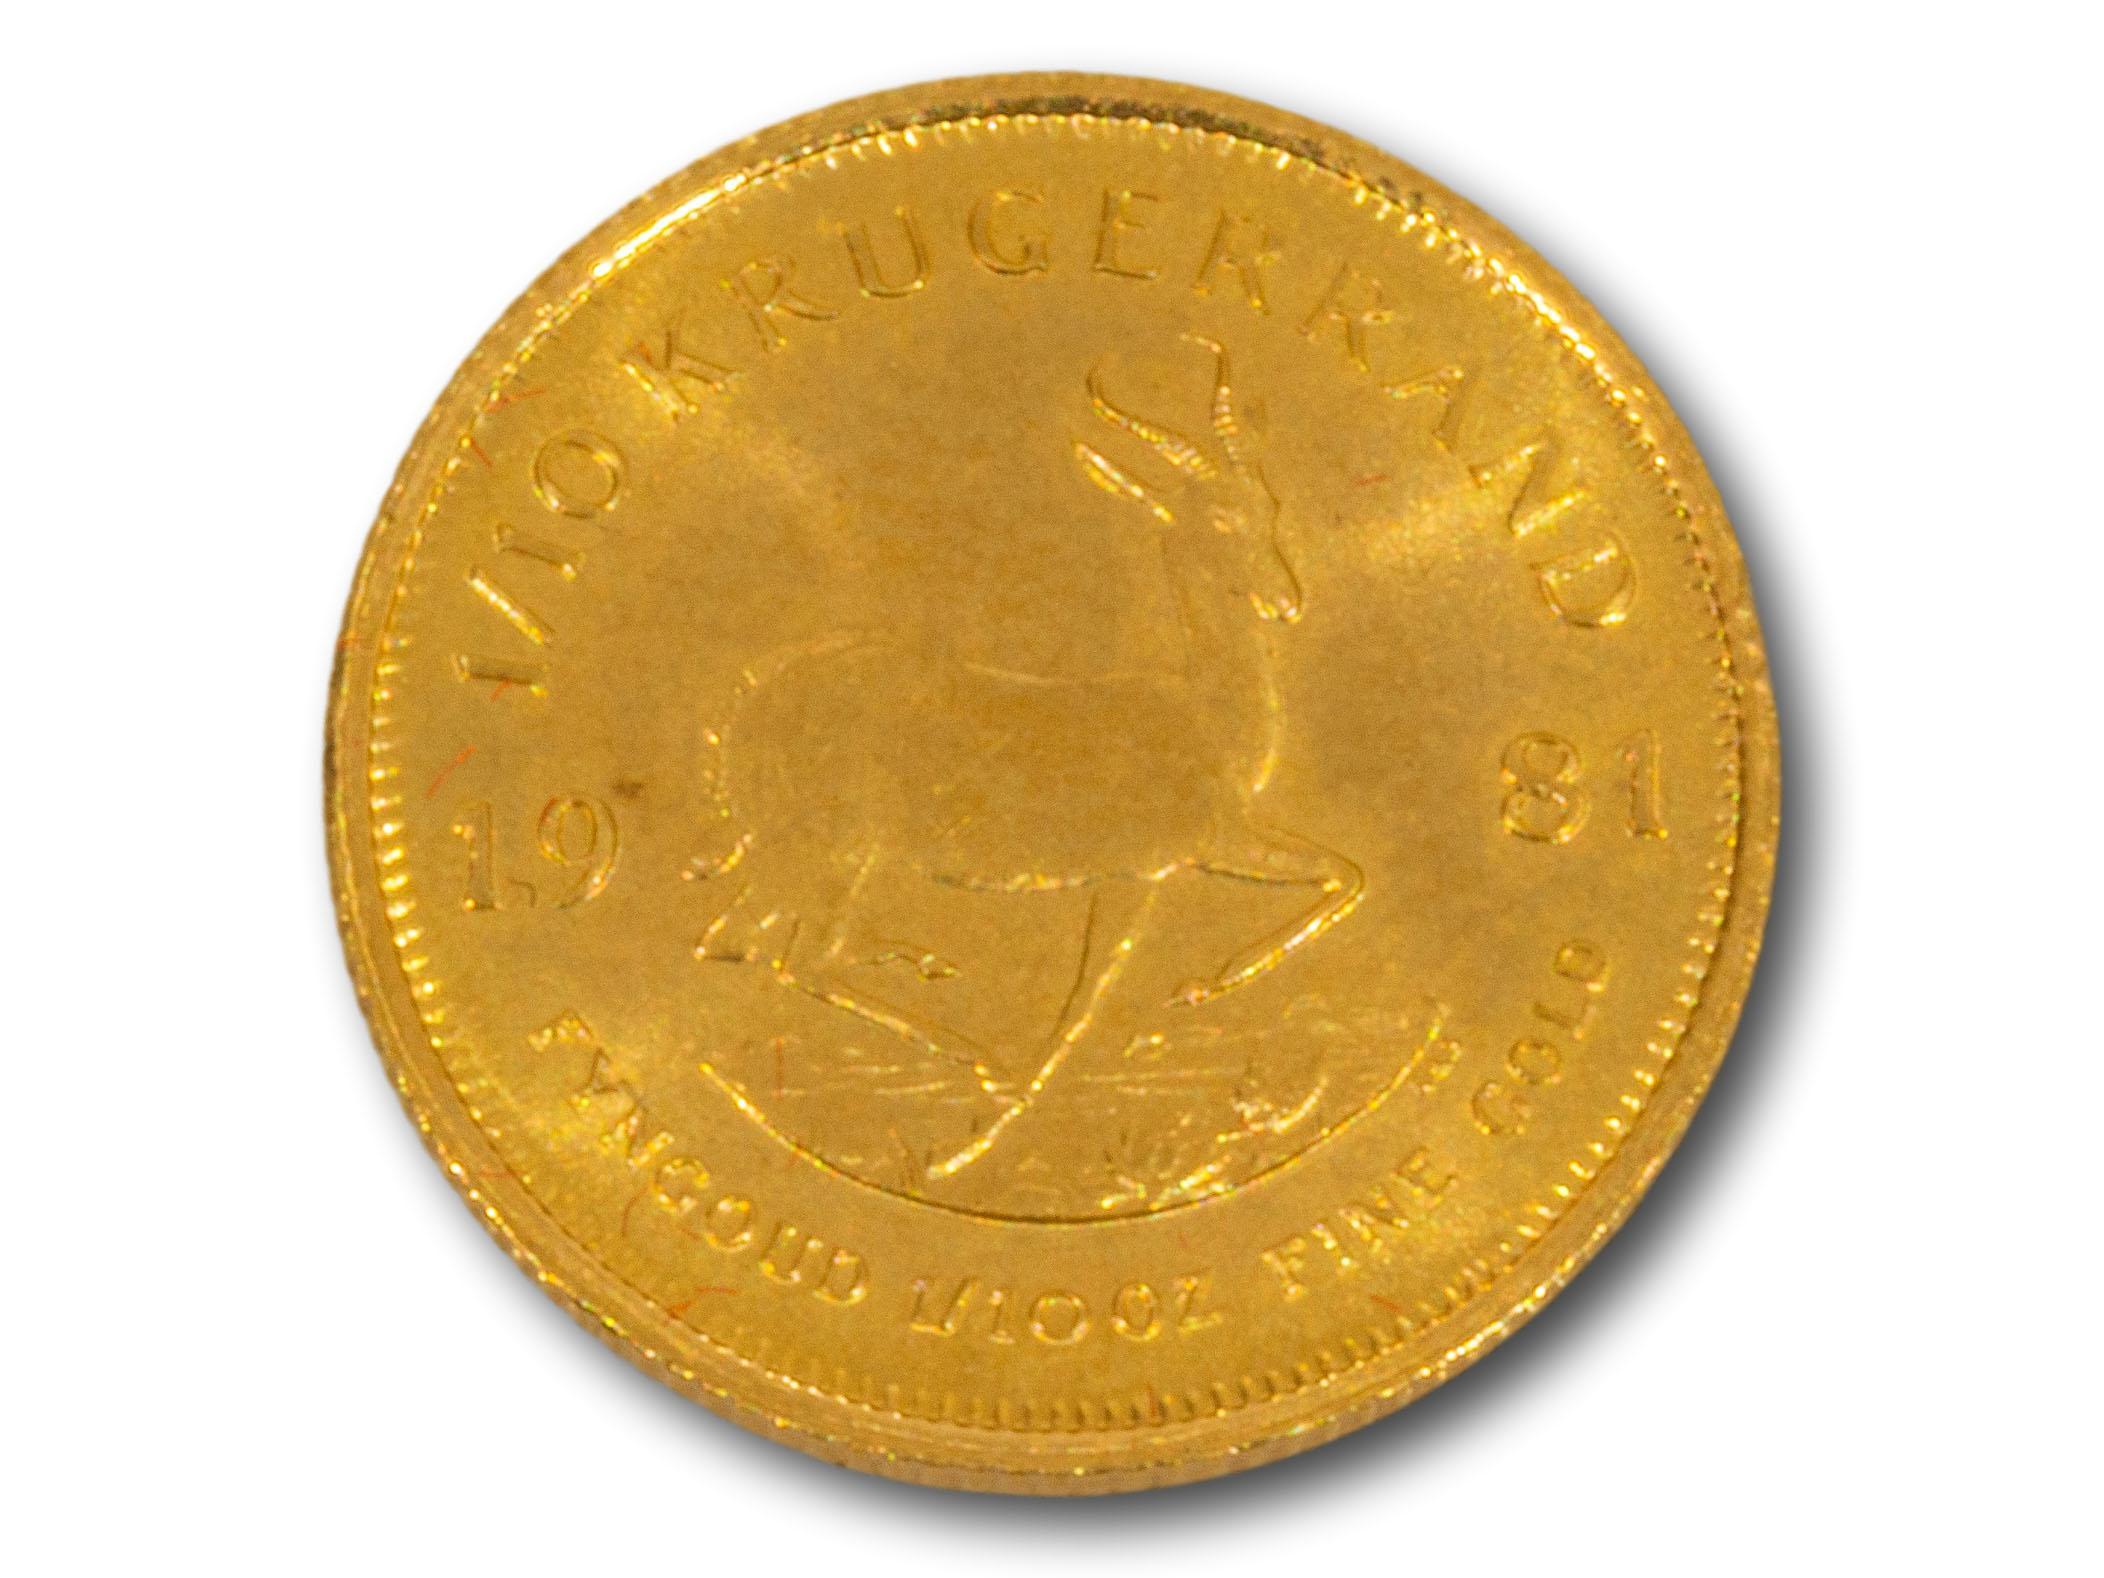 A 1981 1/10 Kruger Rand